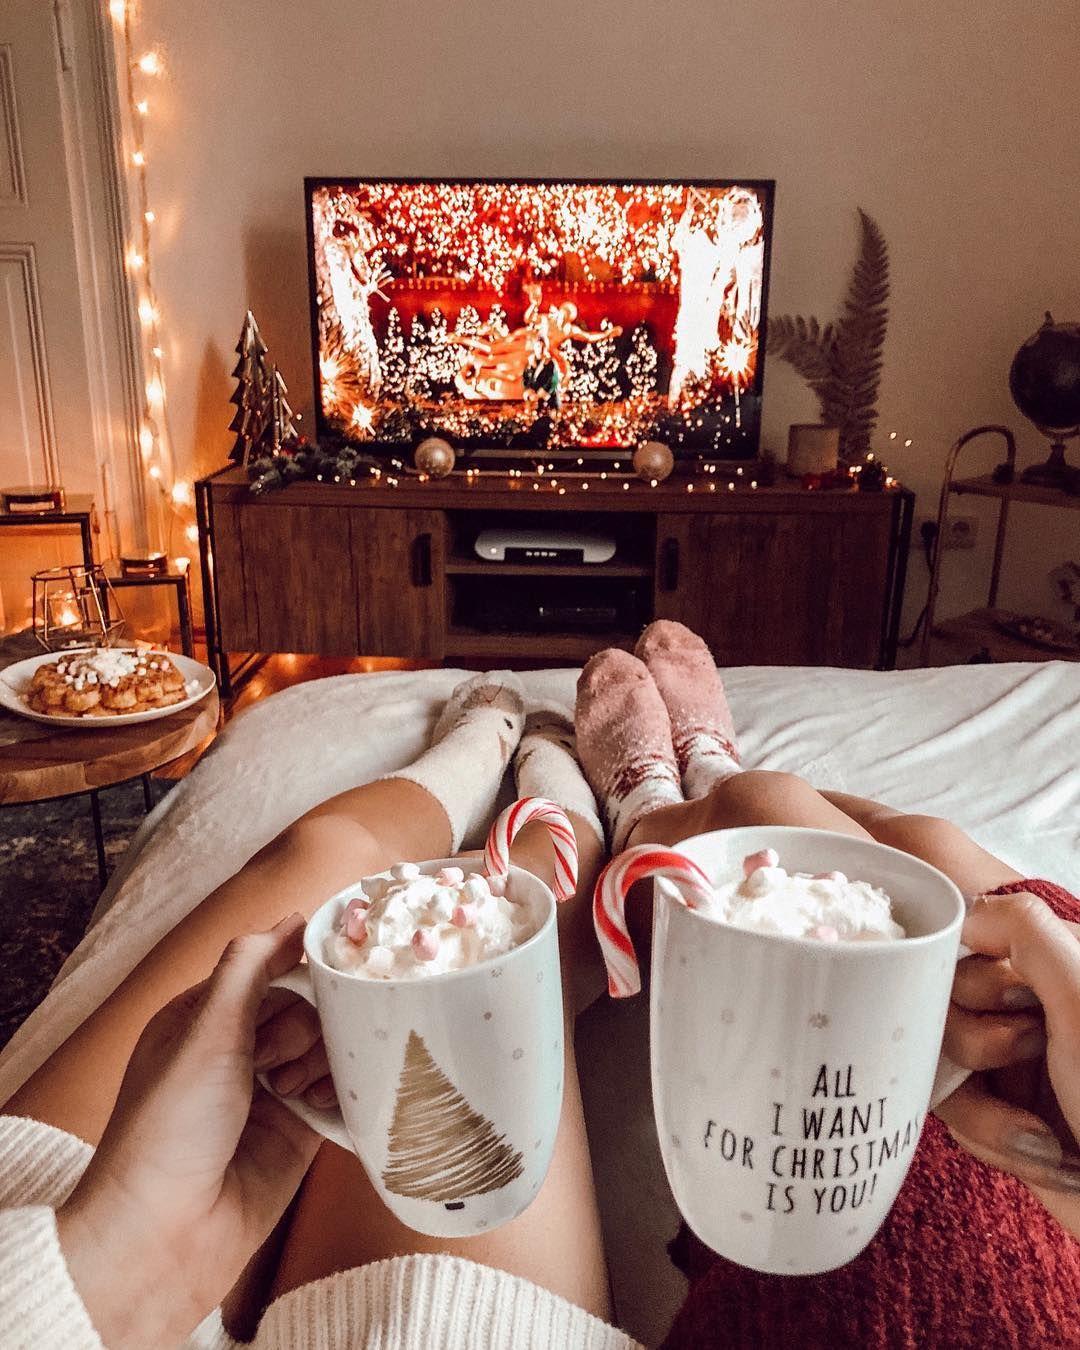 Werbung cosy evenings & christmas motion photos habt ihr Rituale in der Weihnachtszeit? Unter meinem… #christmasaesthetic